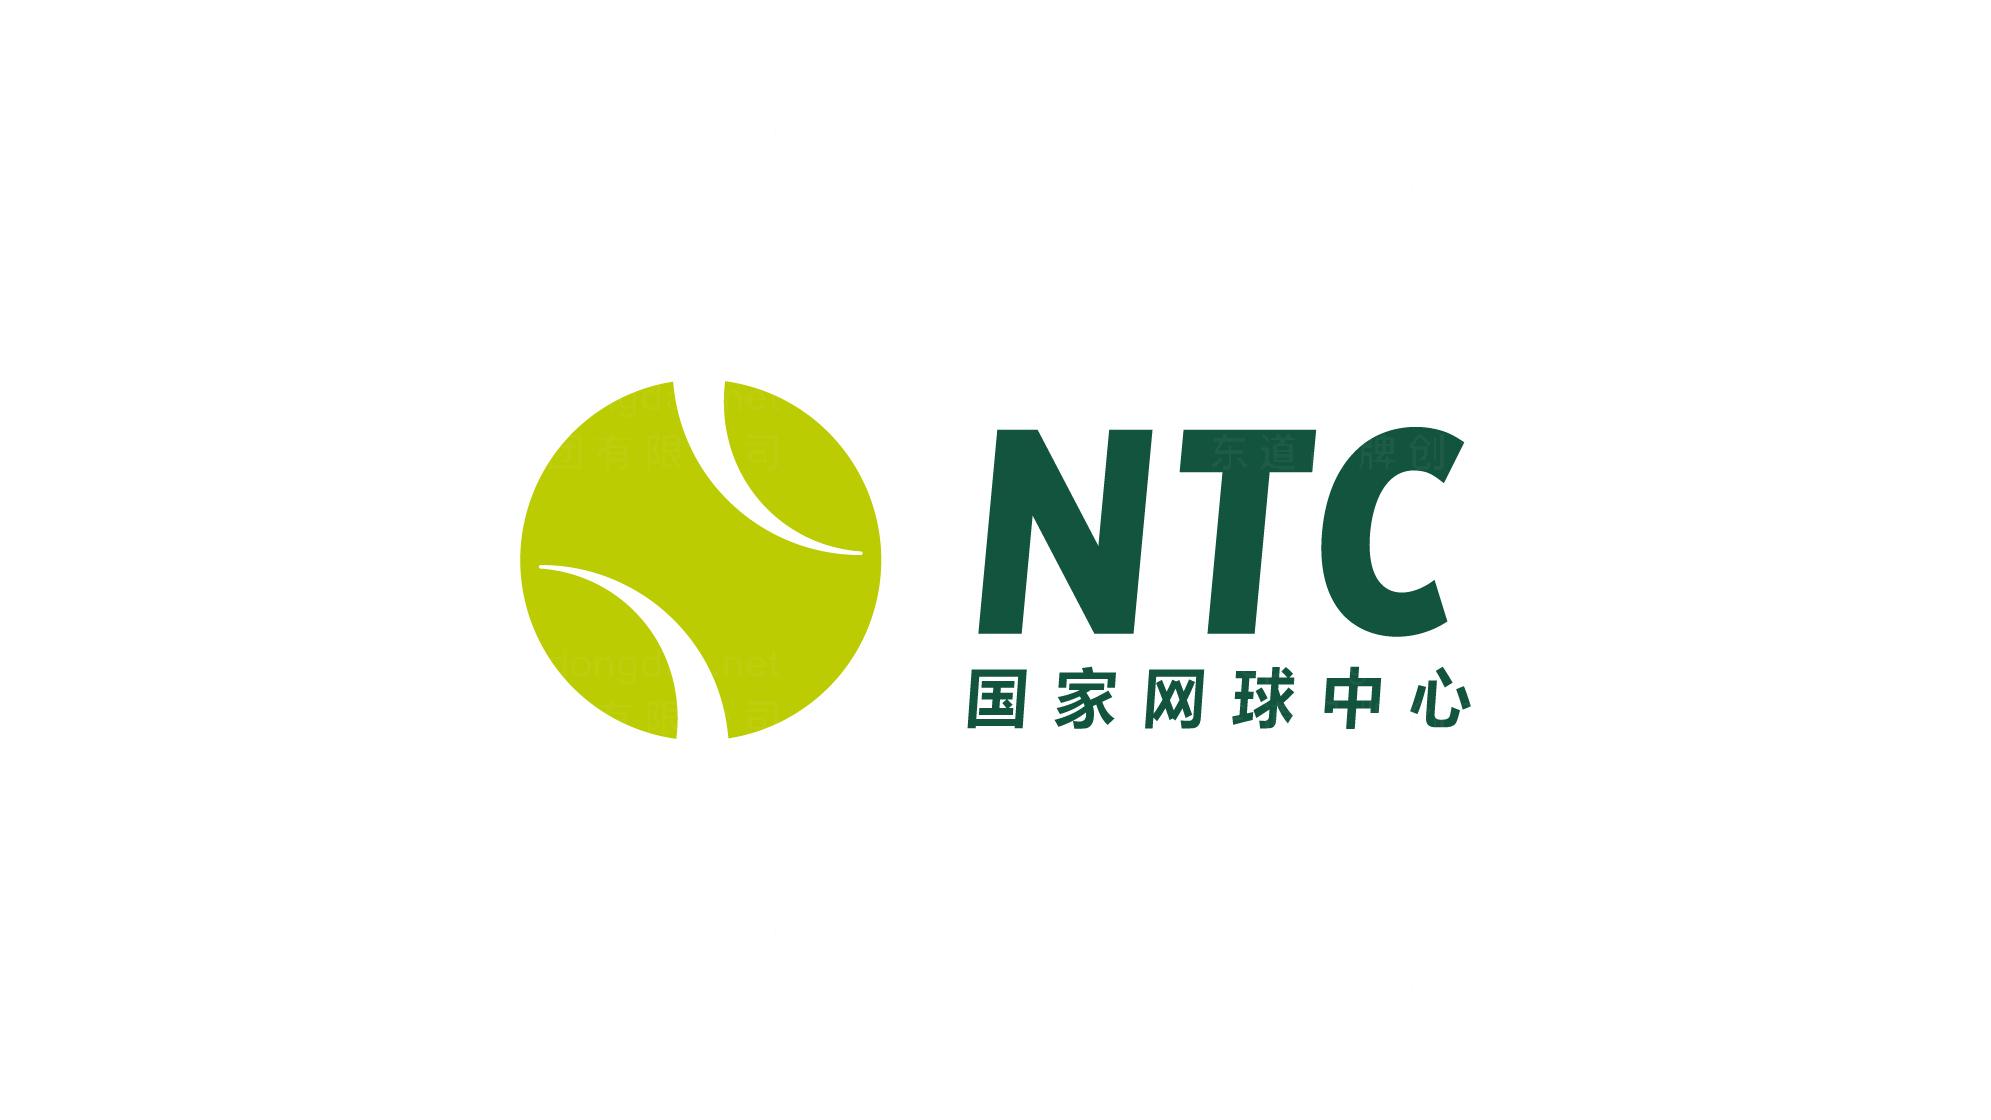 文体娱媒品牌设计国家网球中心标志设计